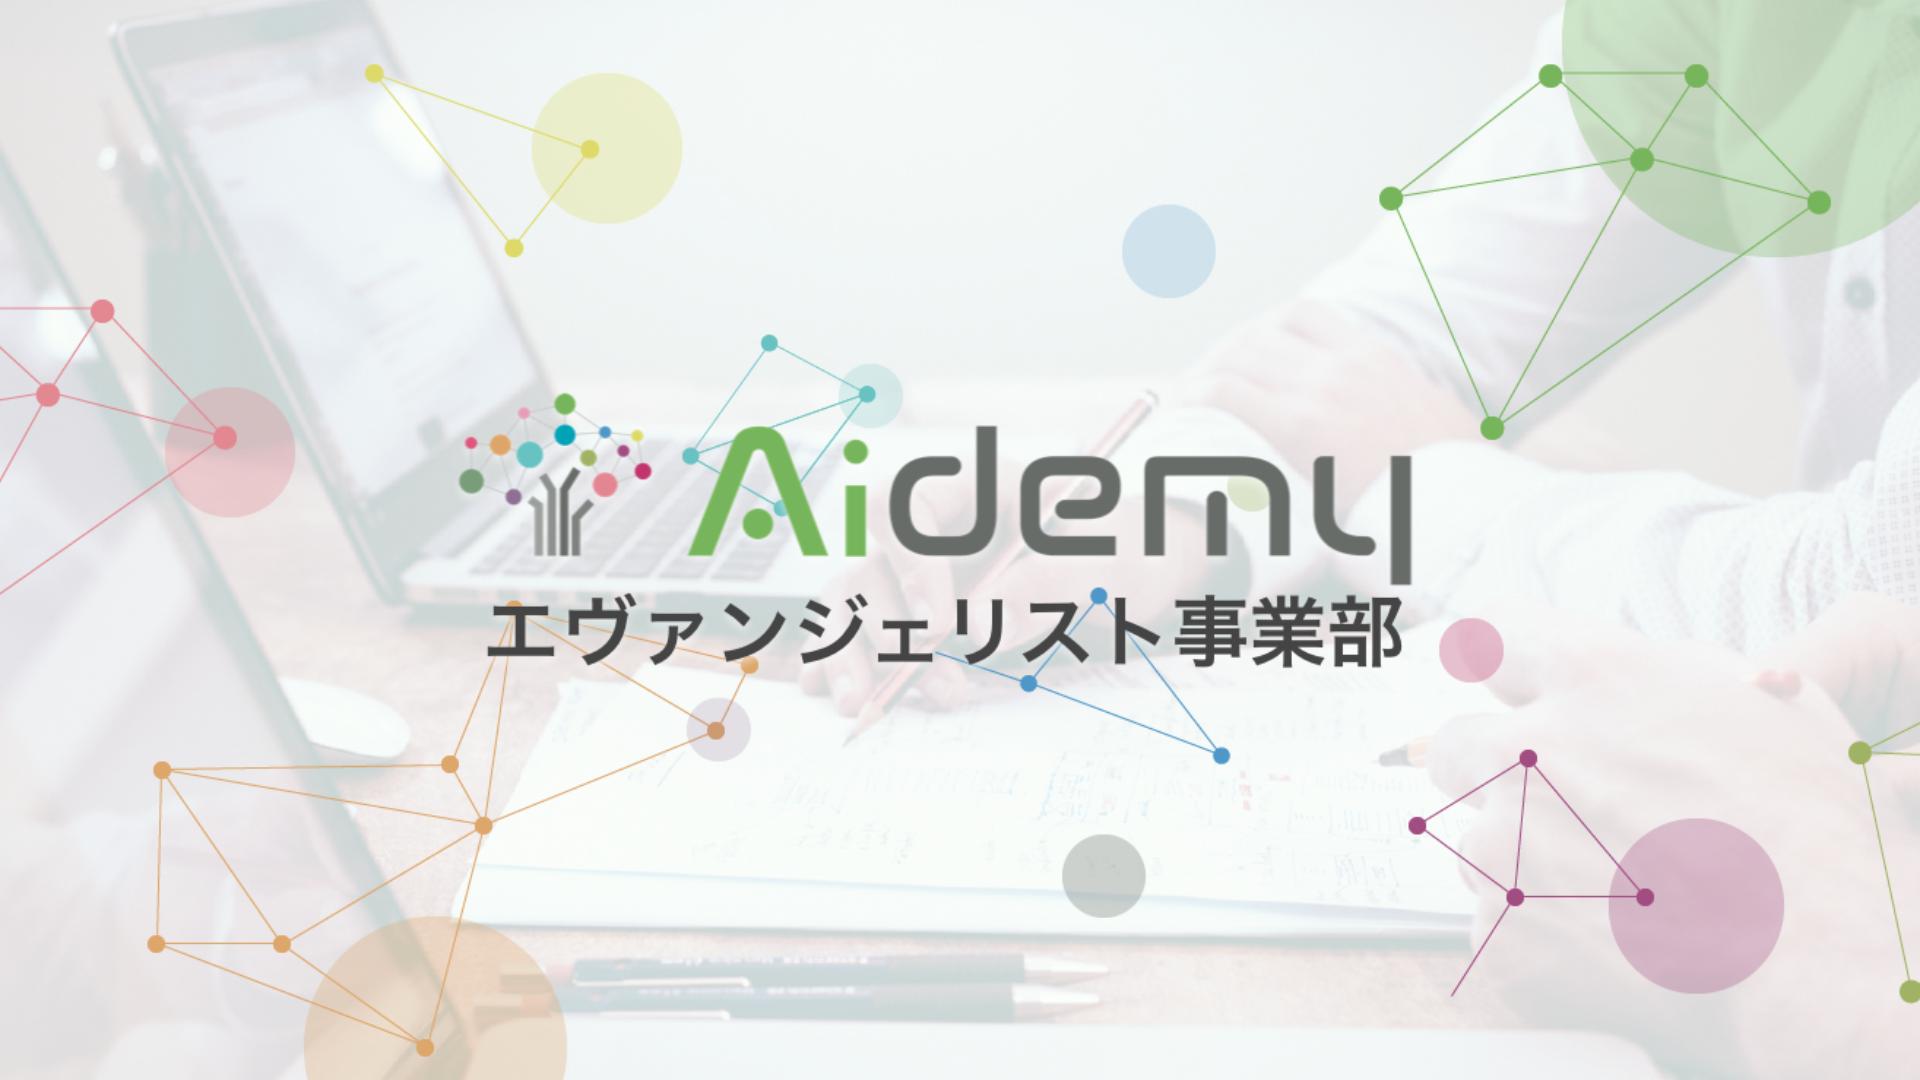 (株)アイデミー代表取締役CEO 石川 聡彦 - AI学習サービス『Aidemy』のエヴァンジェリスト事業部 - DMM オンラインサロン